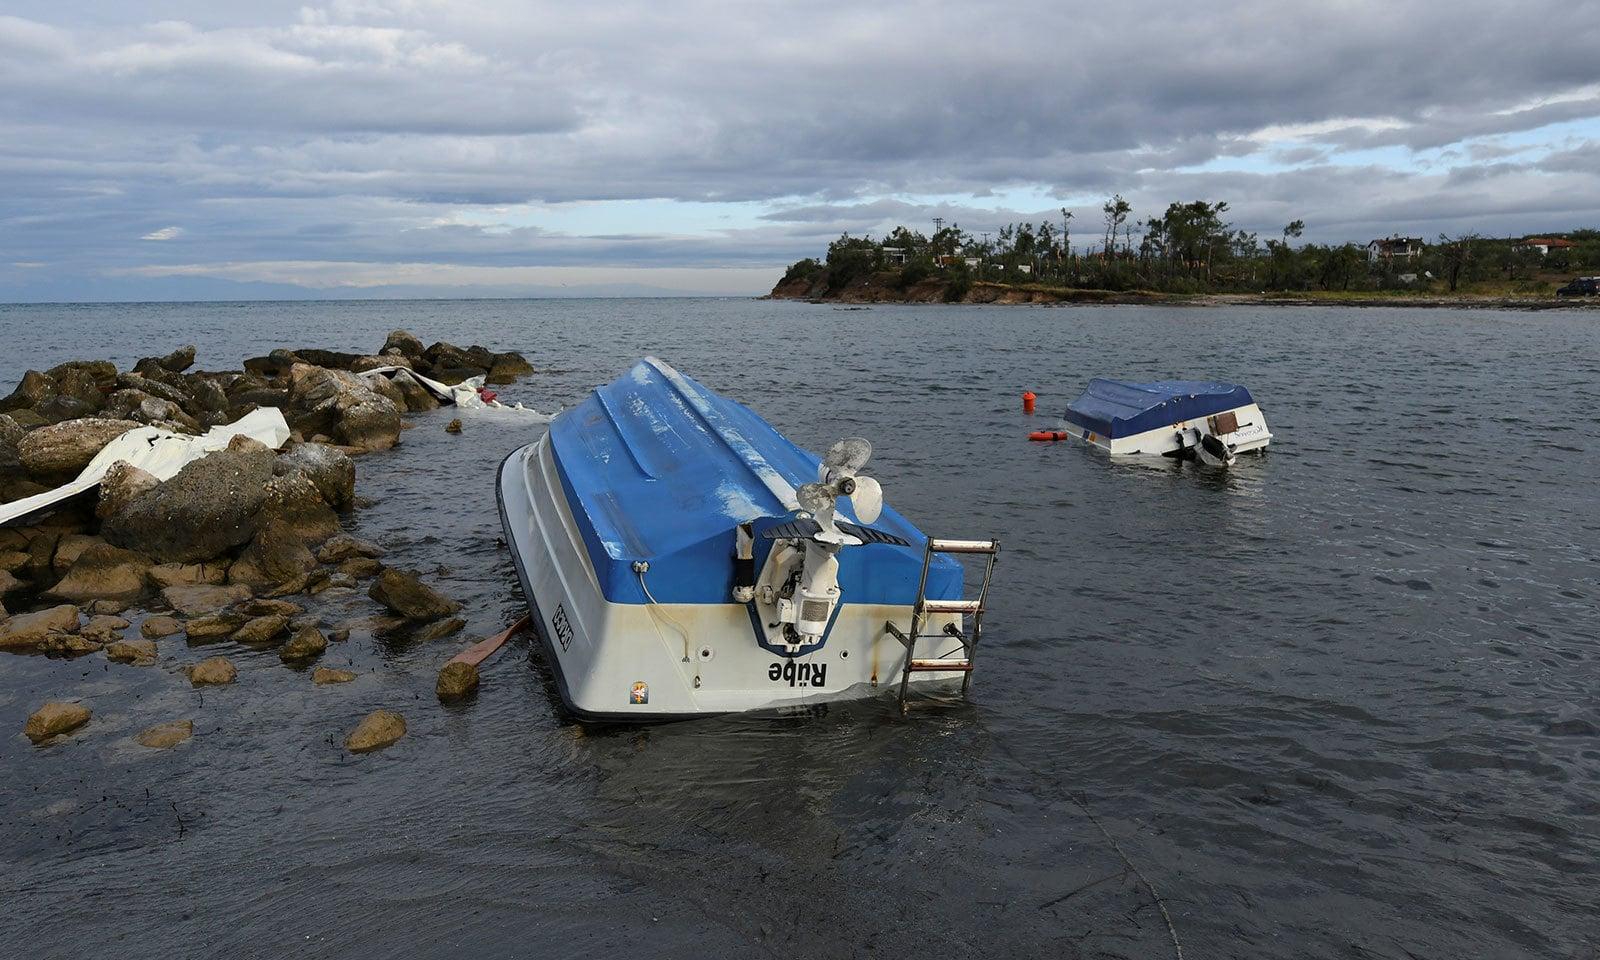 سمندر سے لاپتہ مقامی مچھیرے کی لاش بھی ملی — فوٹو: رائٹرز